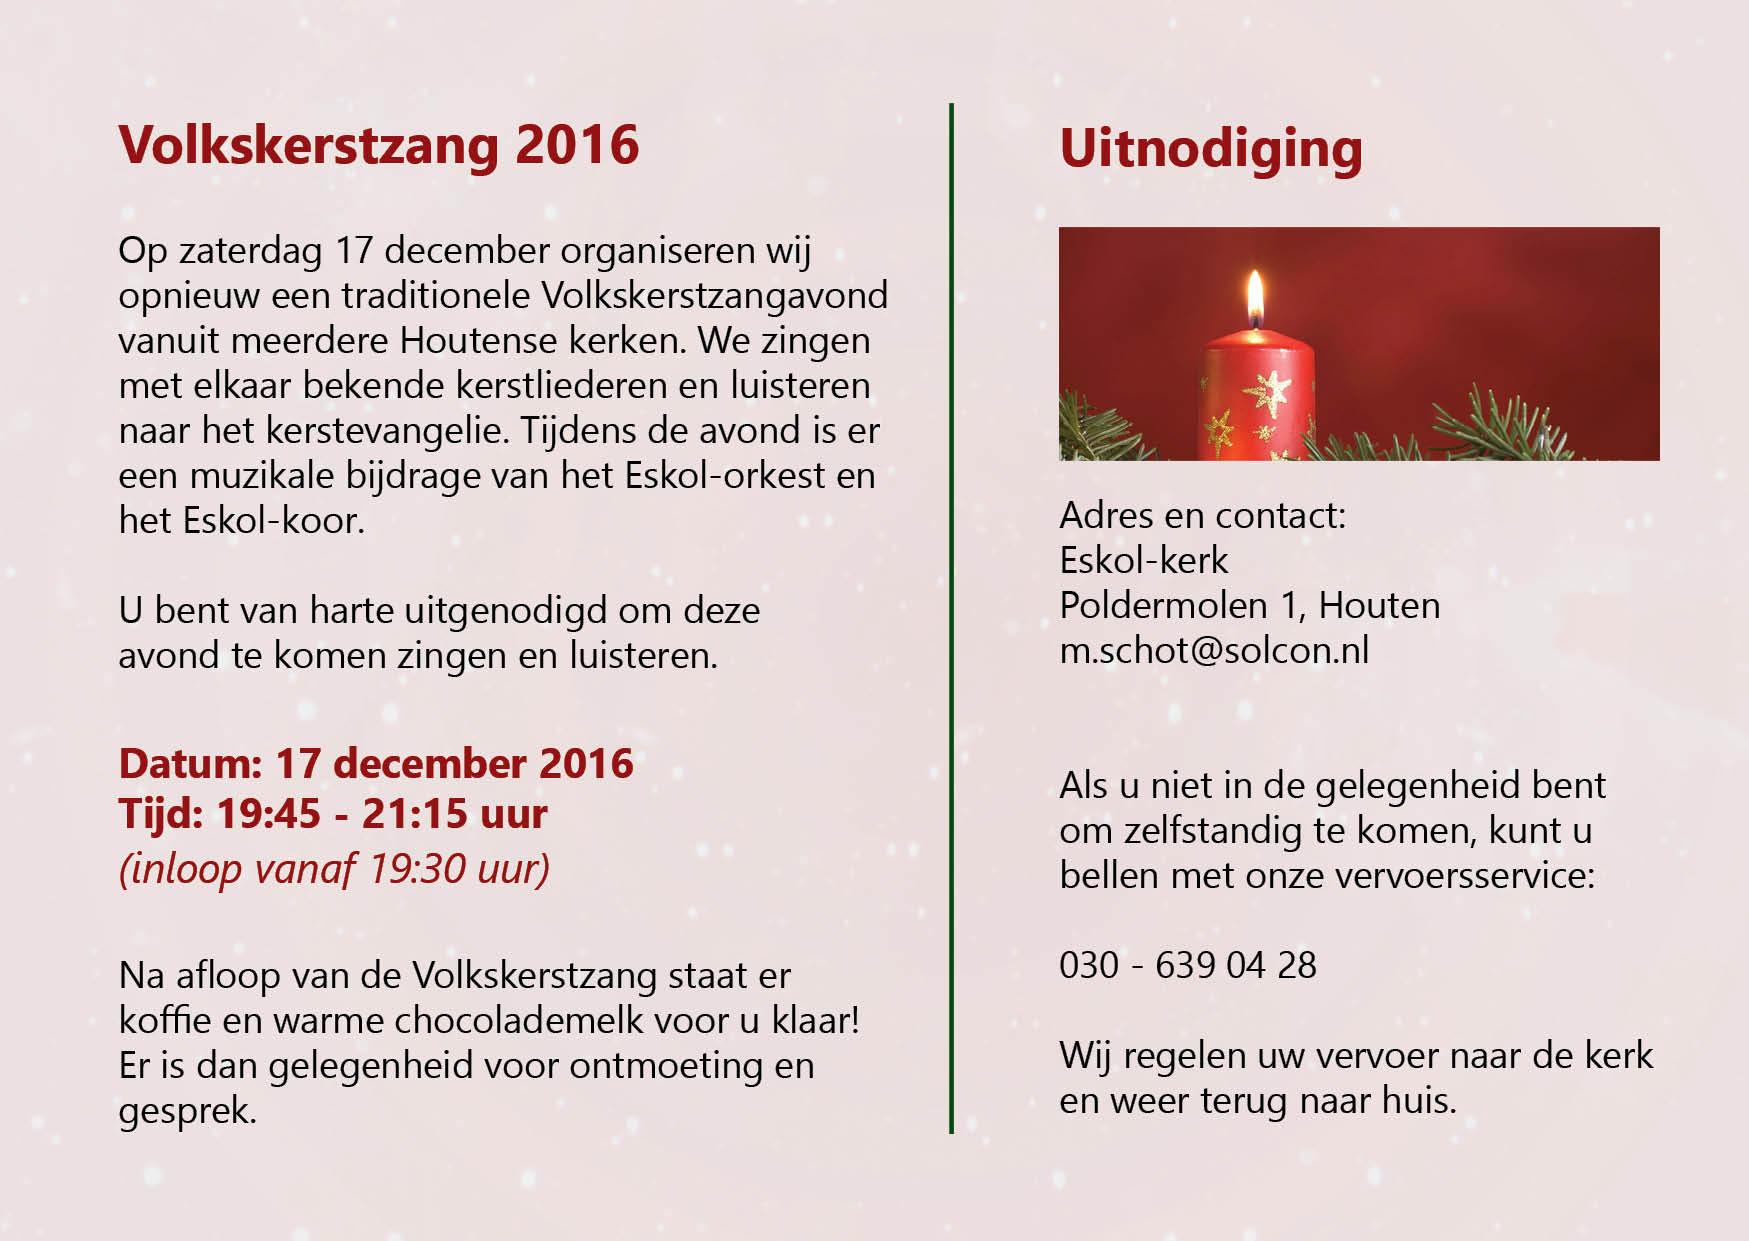 uitnodigingskaart-volkskerstzang-algemeen-2016-digitale-versie2